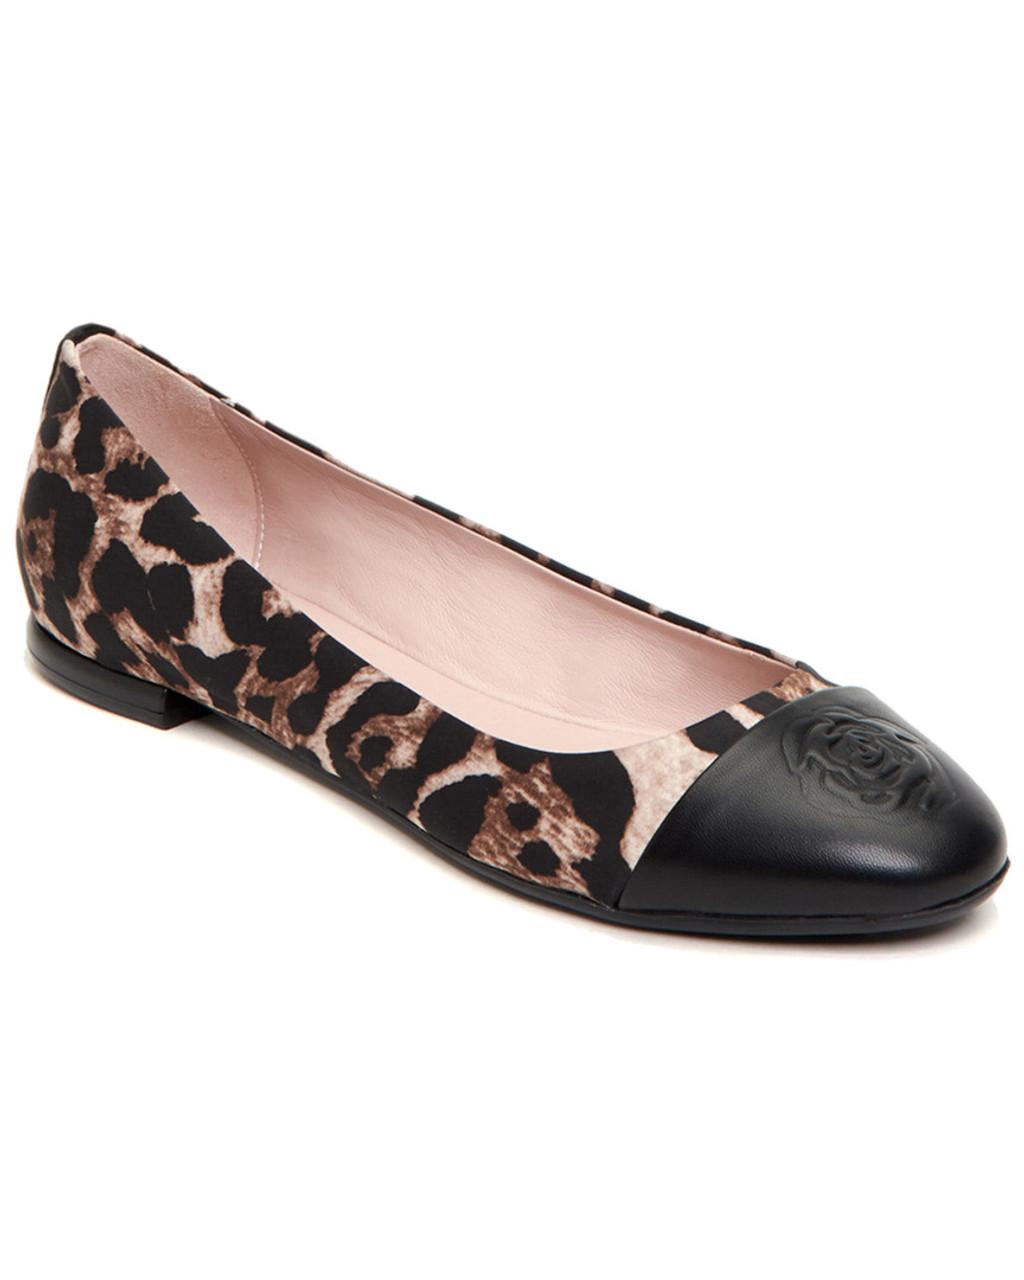 3153d7165e84 Taryn Rose Rosa Leather Flat~1311084433 - Boston Store